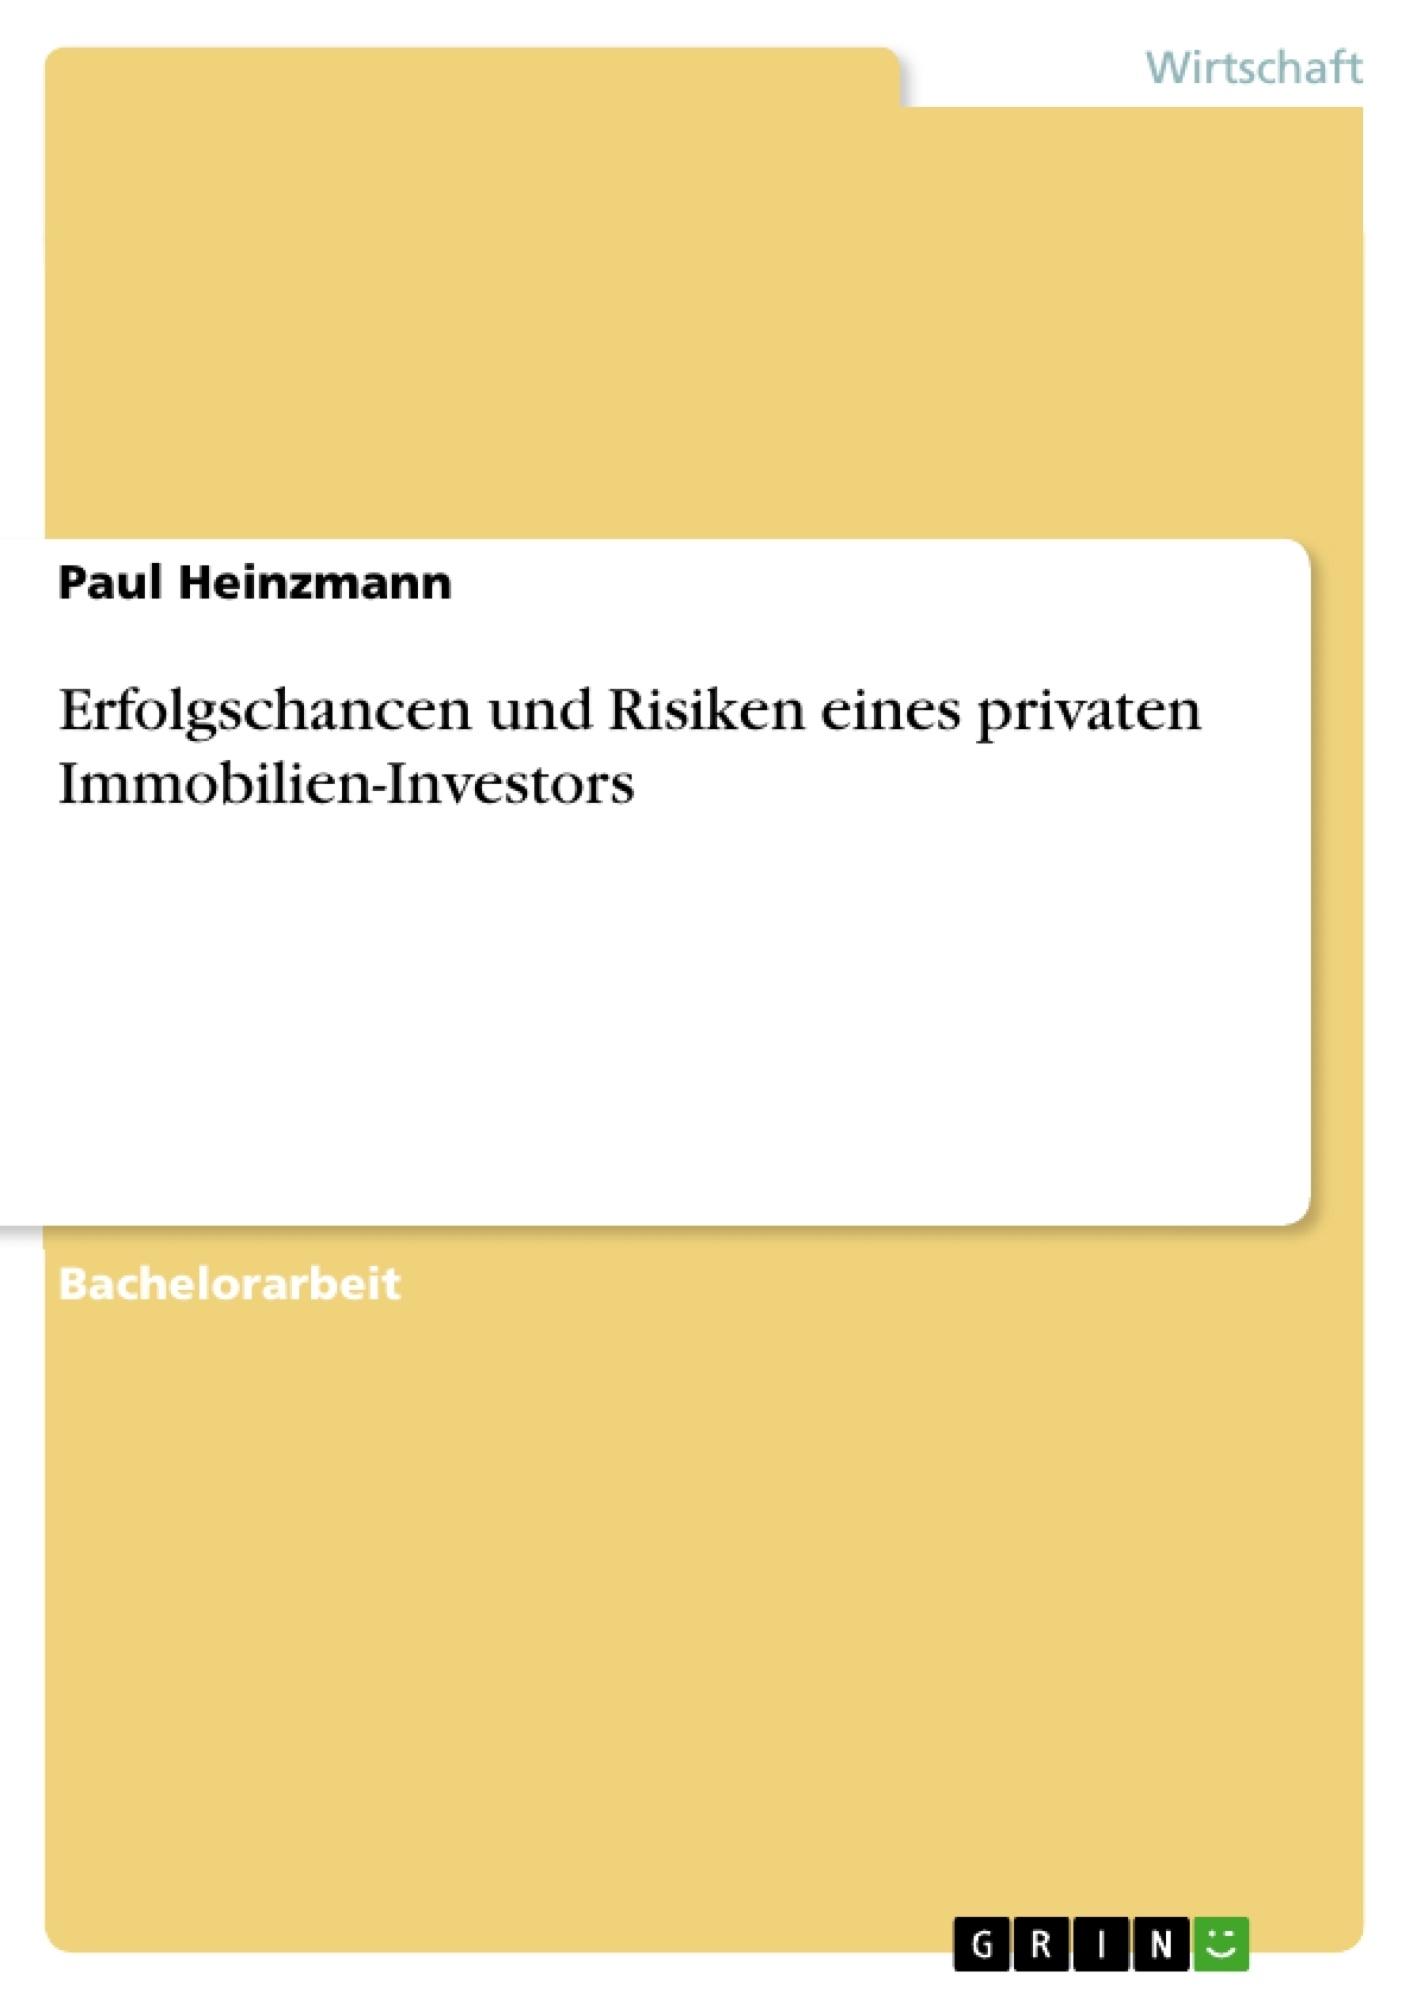 Titel: Erfolgschancen und Risiken eines privaten Immobilien-Investors